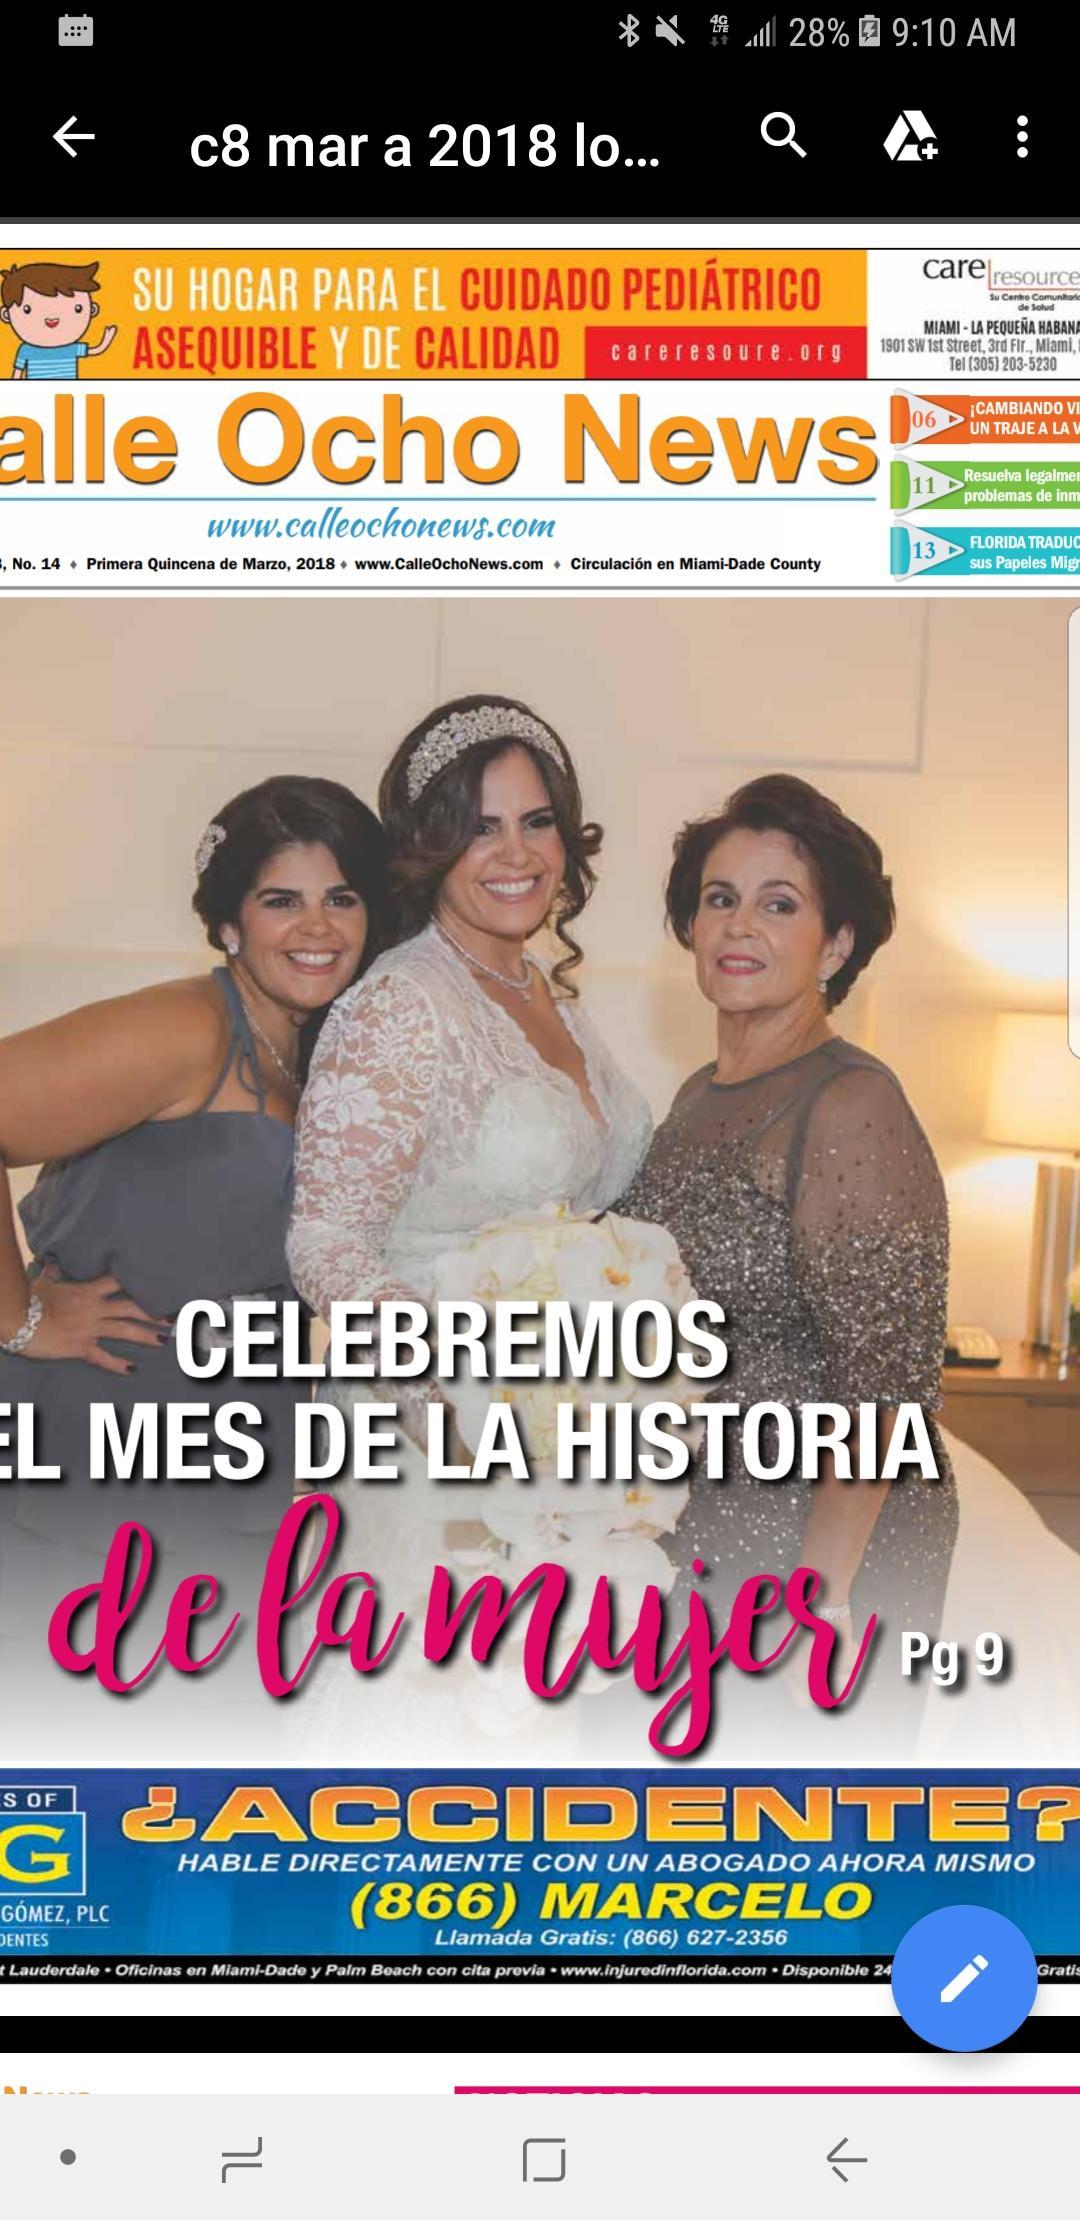 Screenshot 20180301 091036 - Celebremos el Mes de la Historia de la Mujer